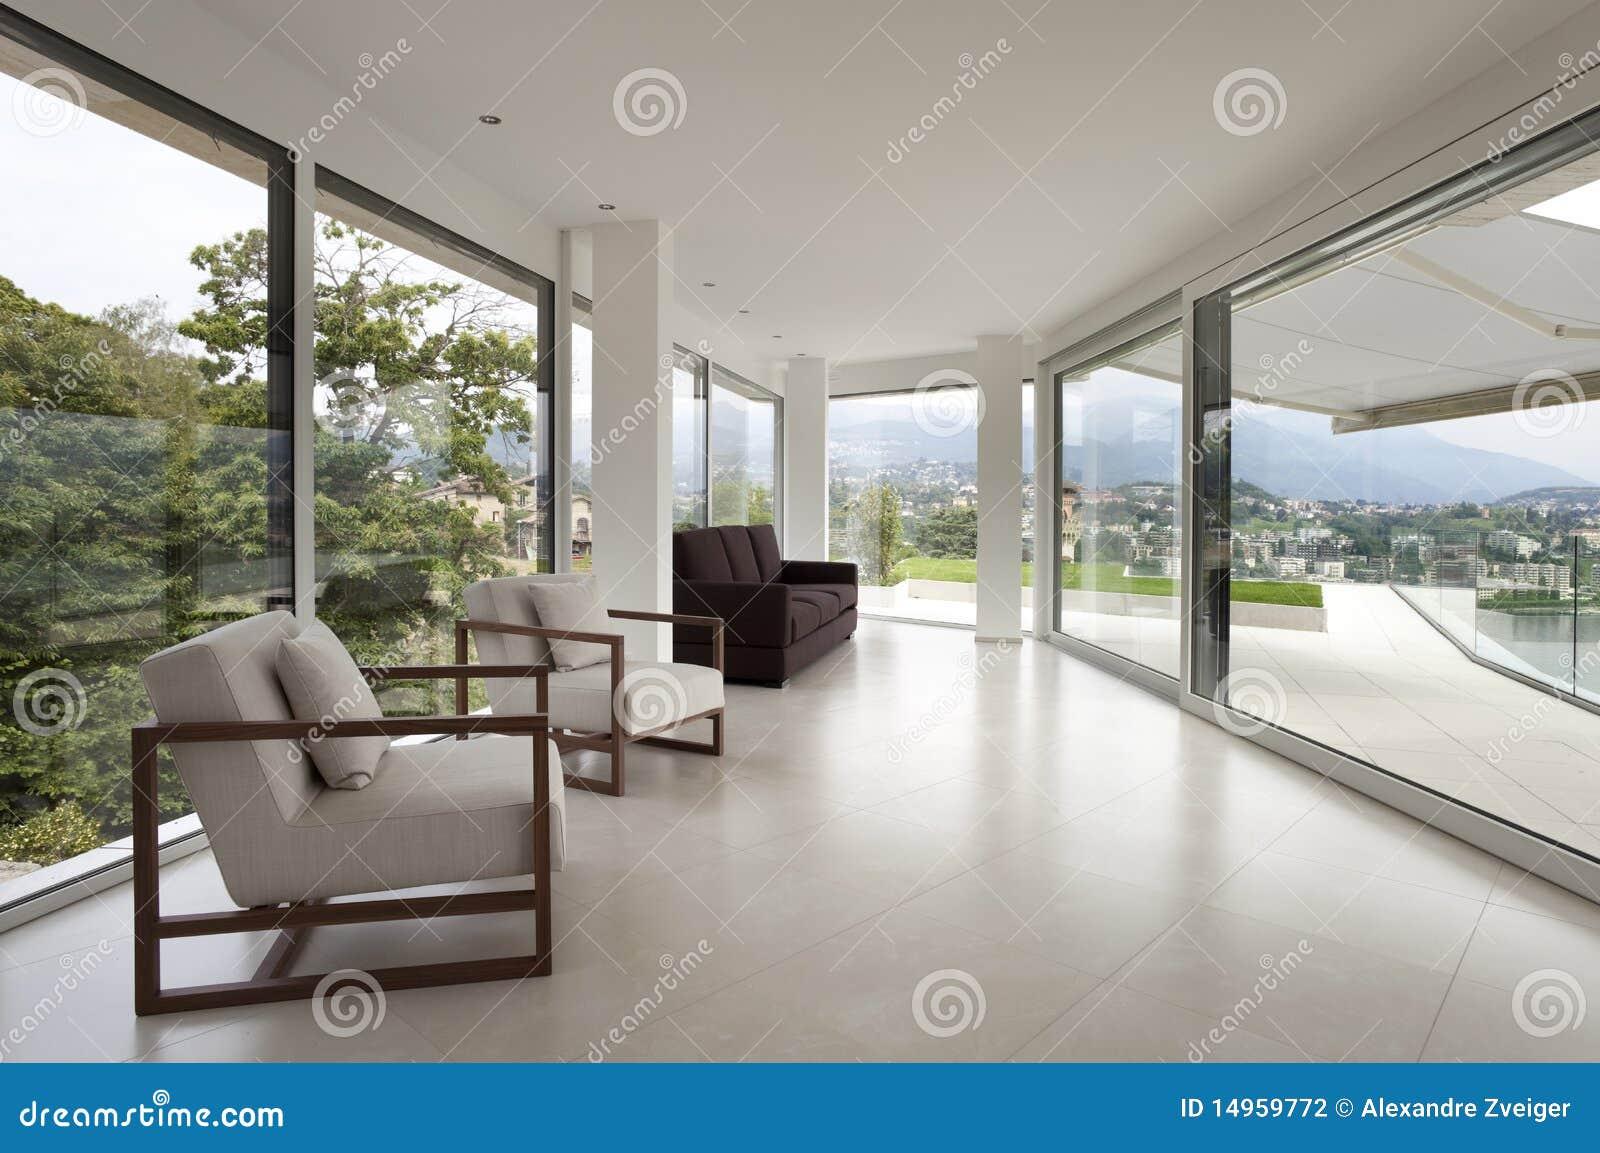 Bel int rieur d 39 une maison moderne photographie stock image 14959772 - Interieur de maison moderne ...